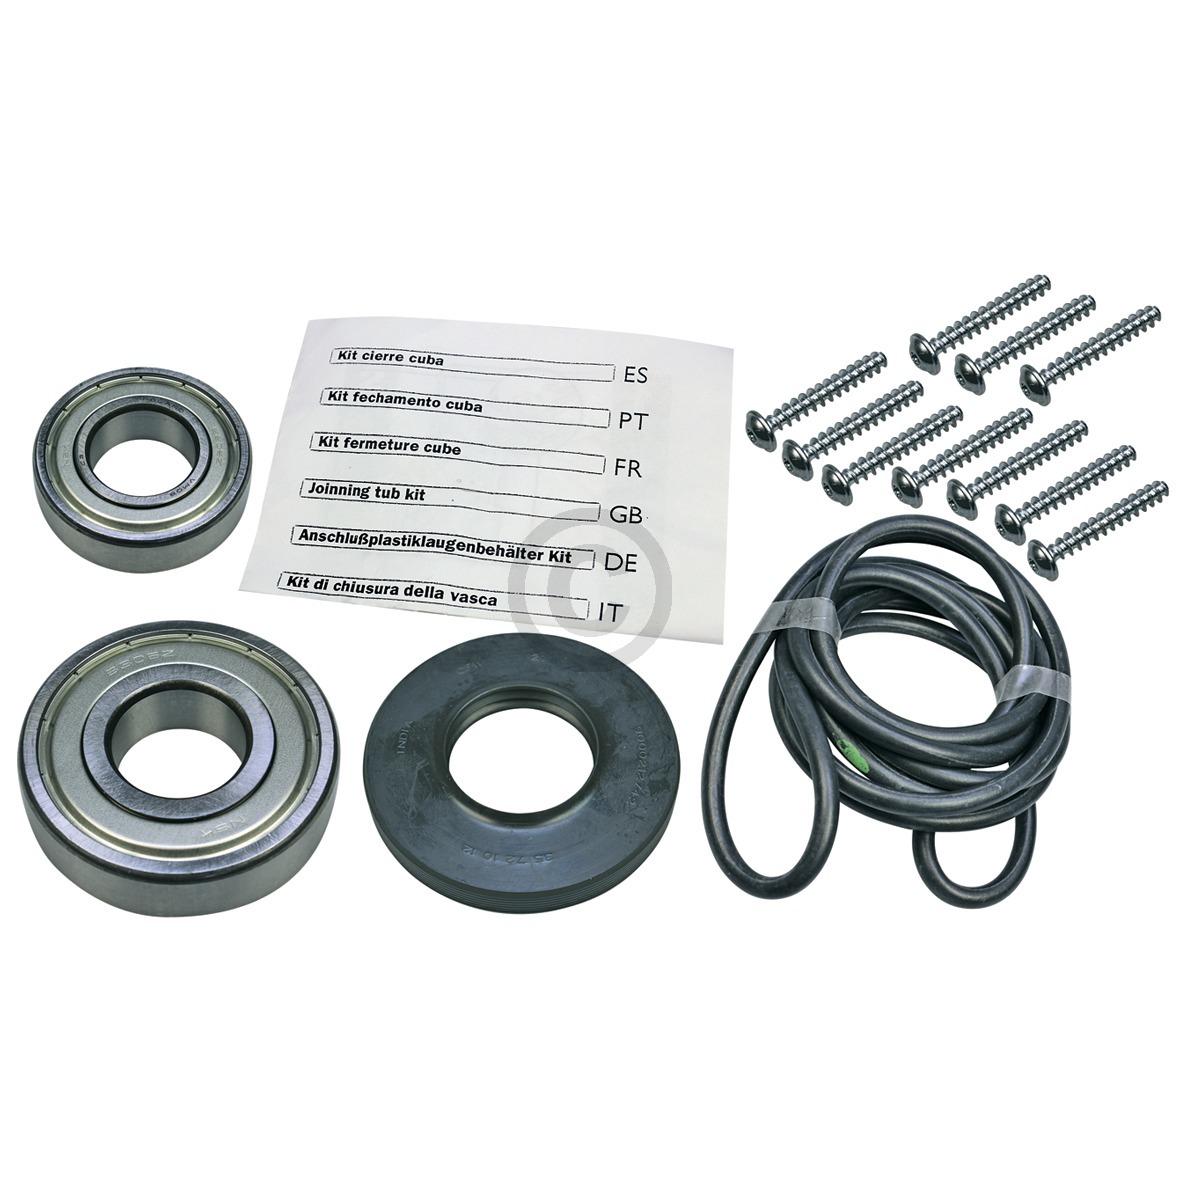 Lagersatz Bosch 00172686 Original Wellendichtung 35x72x10/12 mit Kugellagern